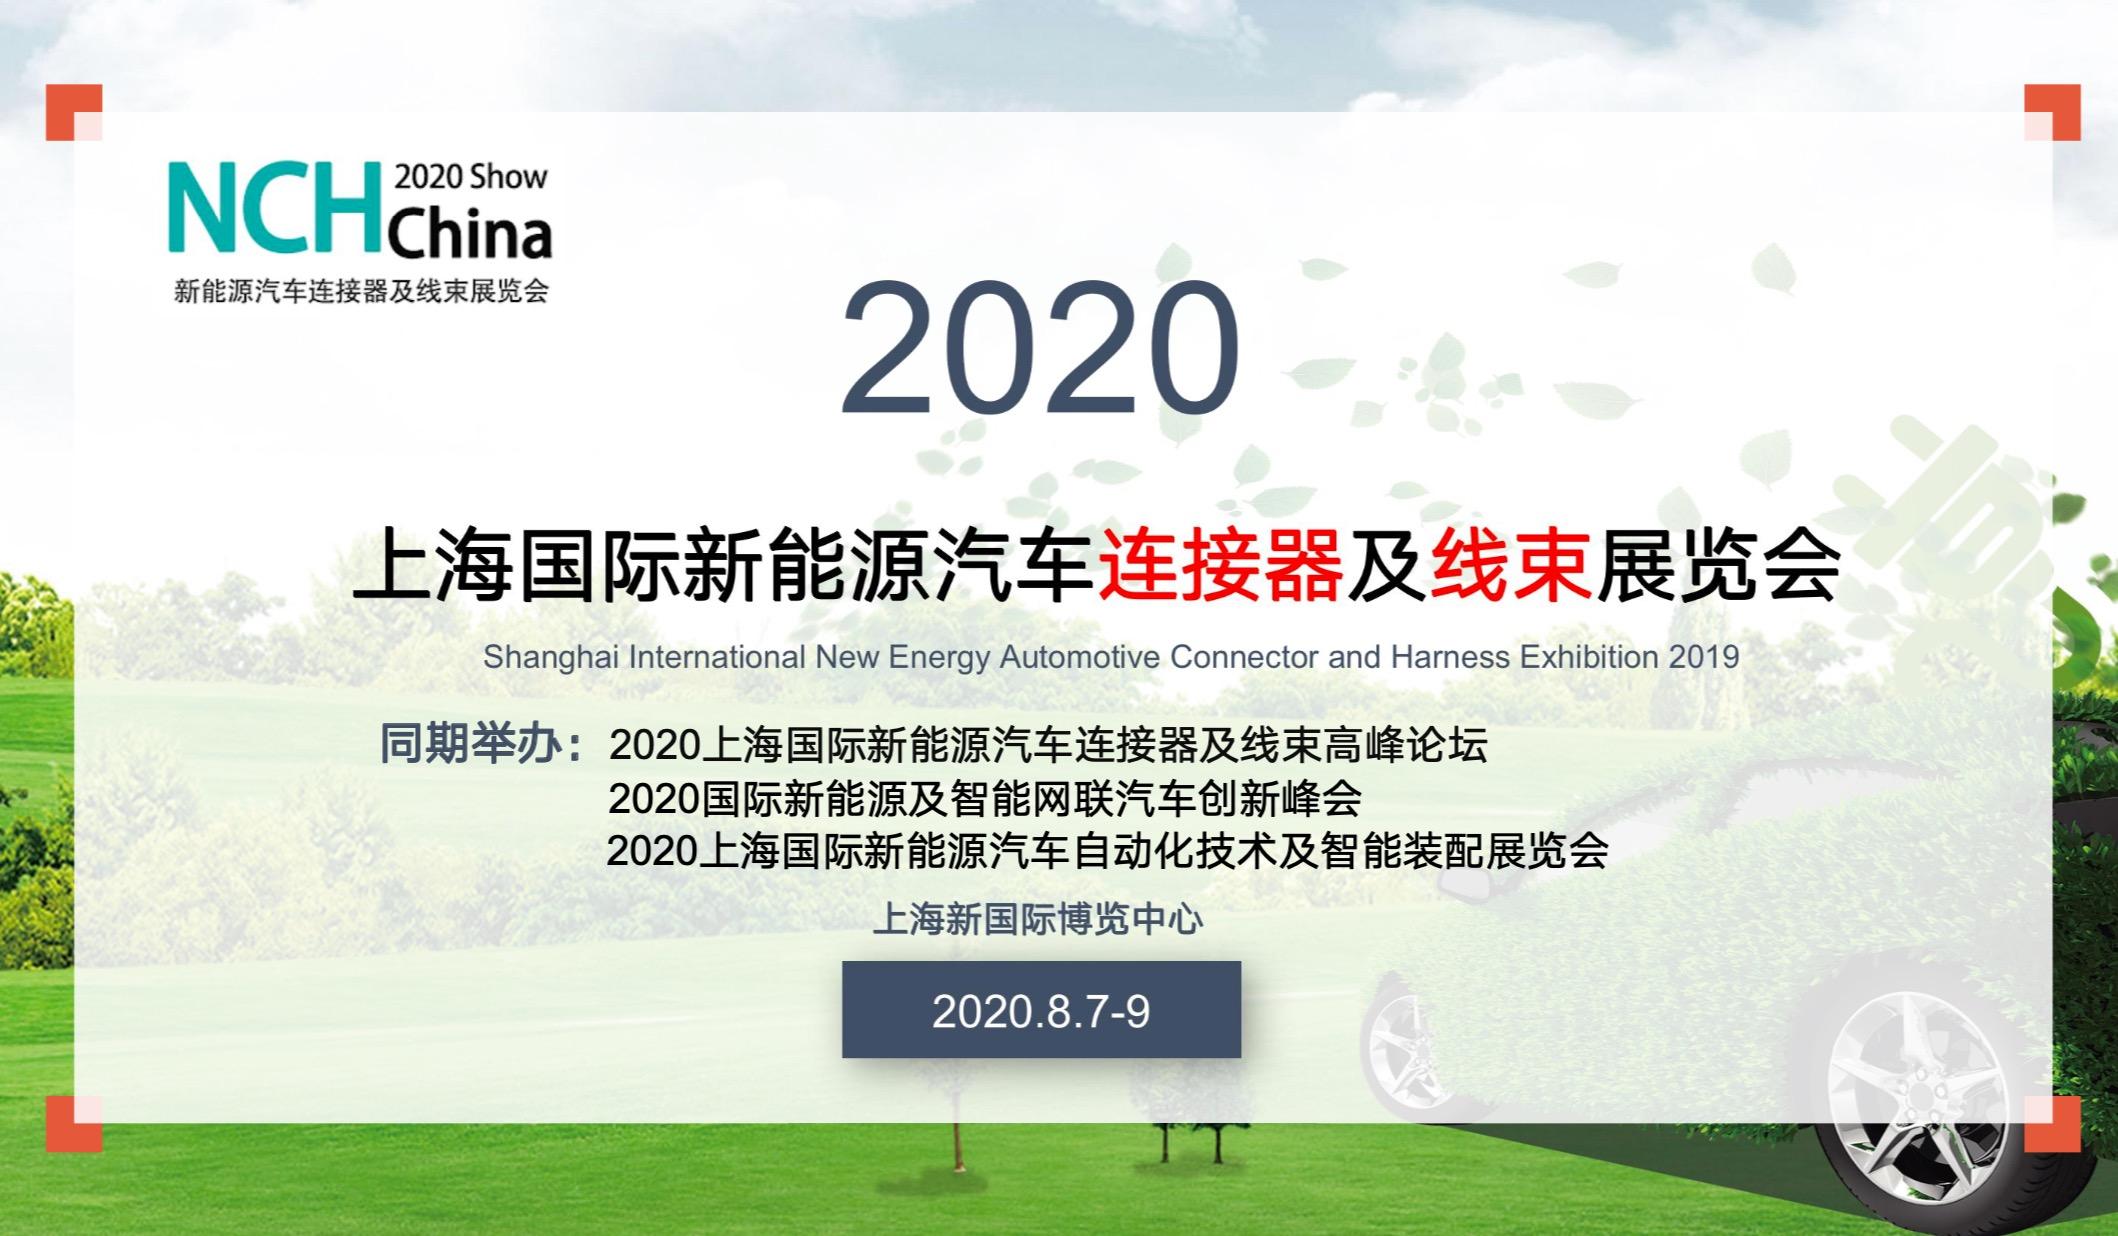 NCH Show2020上海国际新能源汽车连接器及线束展览会